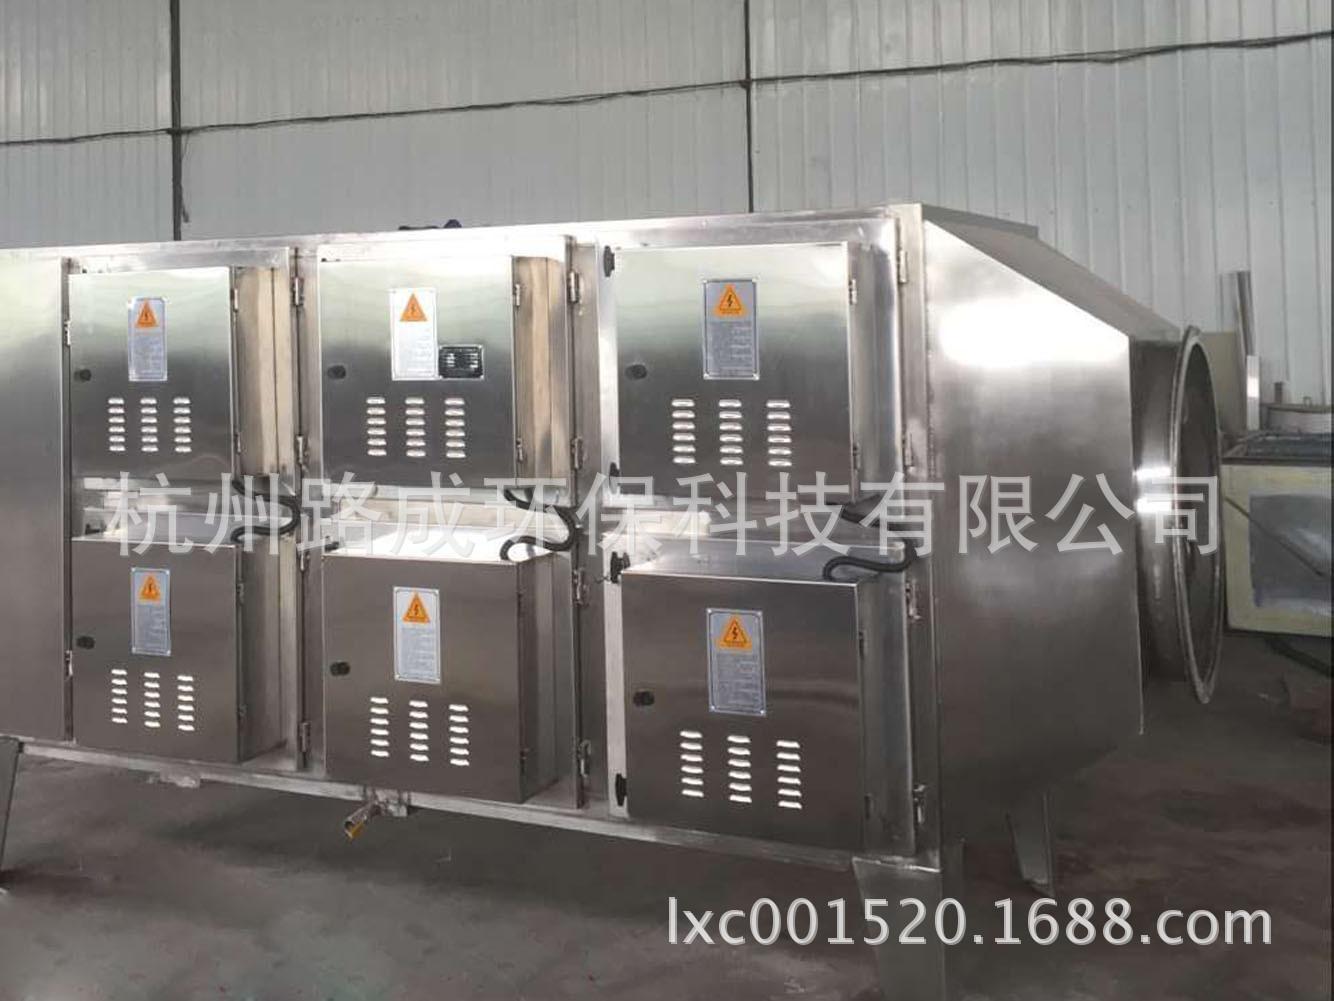 低温等离子除臭设备废气处理等离子空气净化设备工业废气净化设备